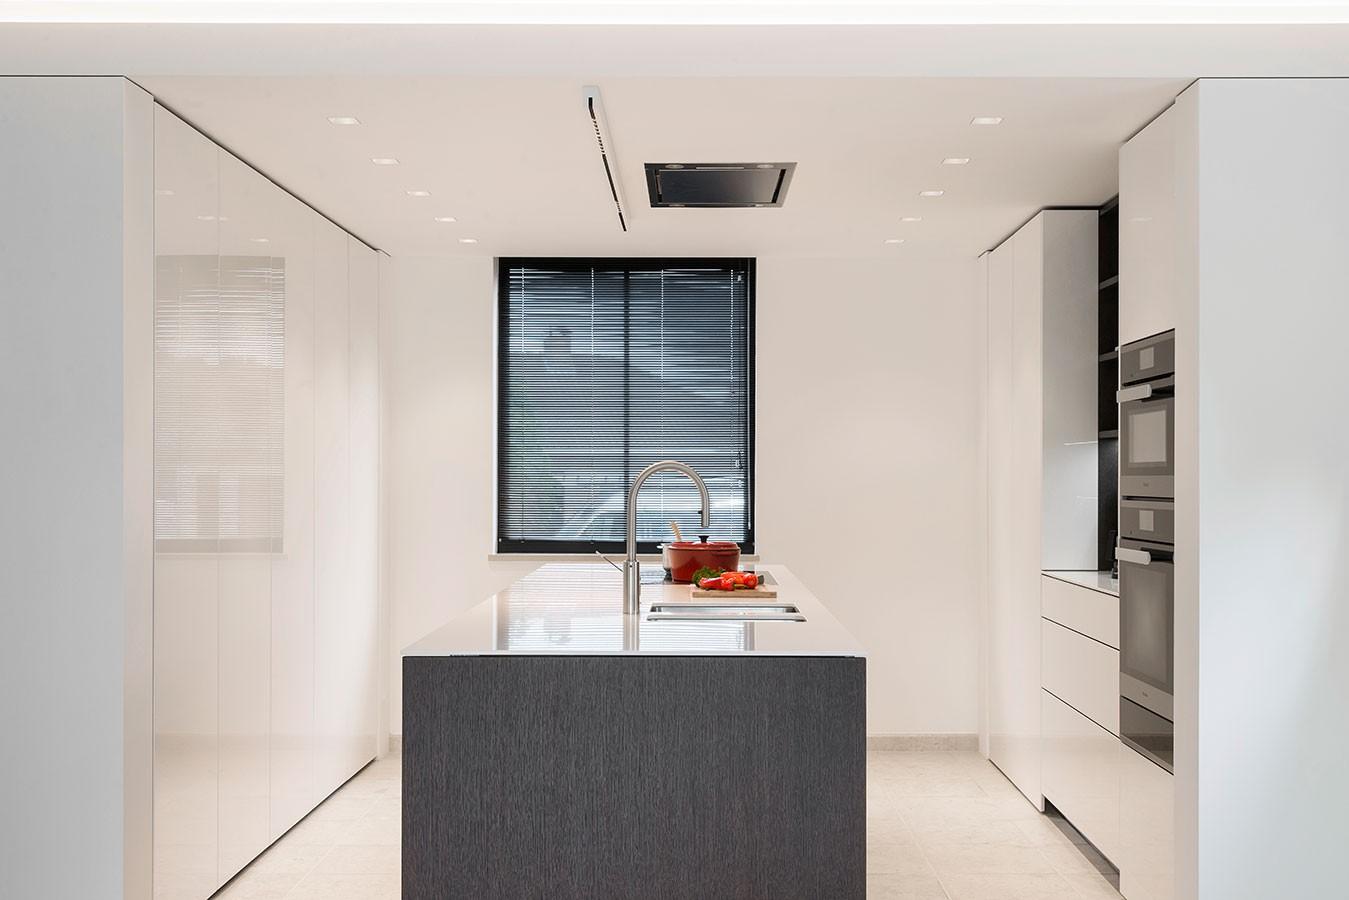 Moderne Keukens Gent : Realisaties de keukenarchitecten keukenarchitect keuken keukens